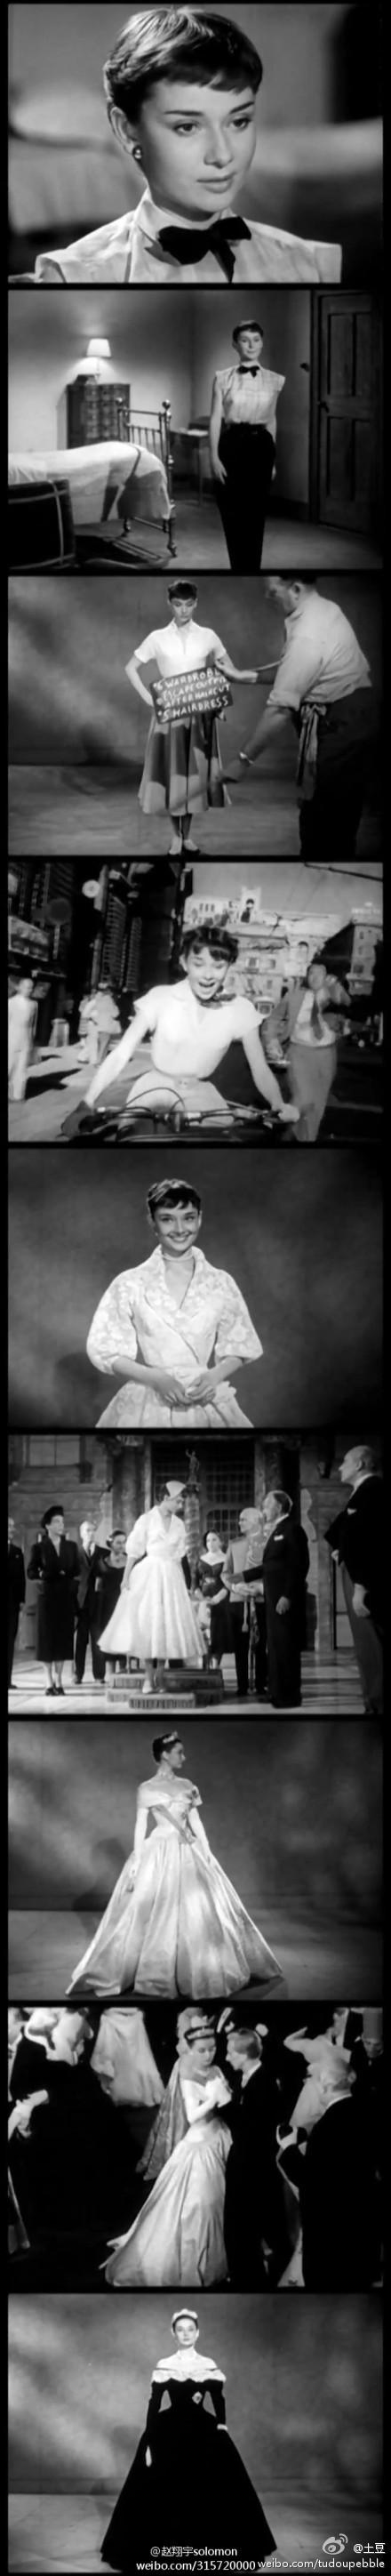 奥黛丽·赫本(Audrey Hepburn)《罗马假日》试镜